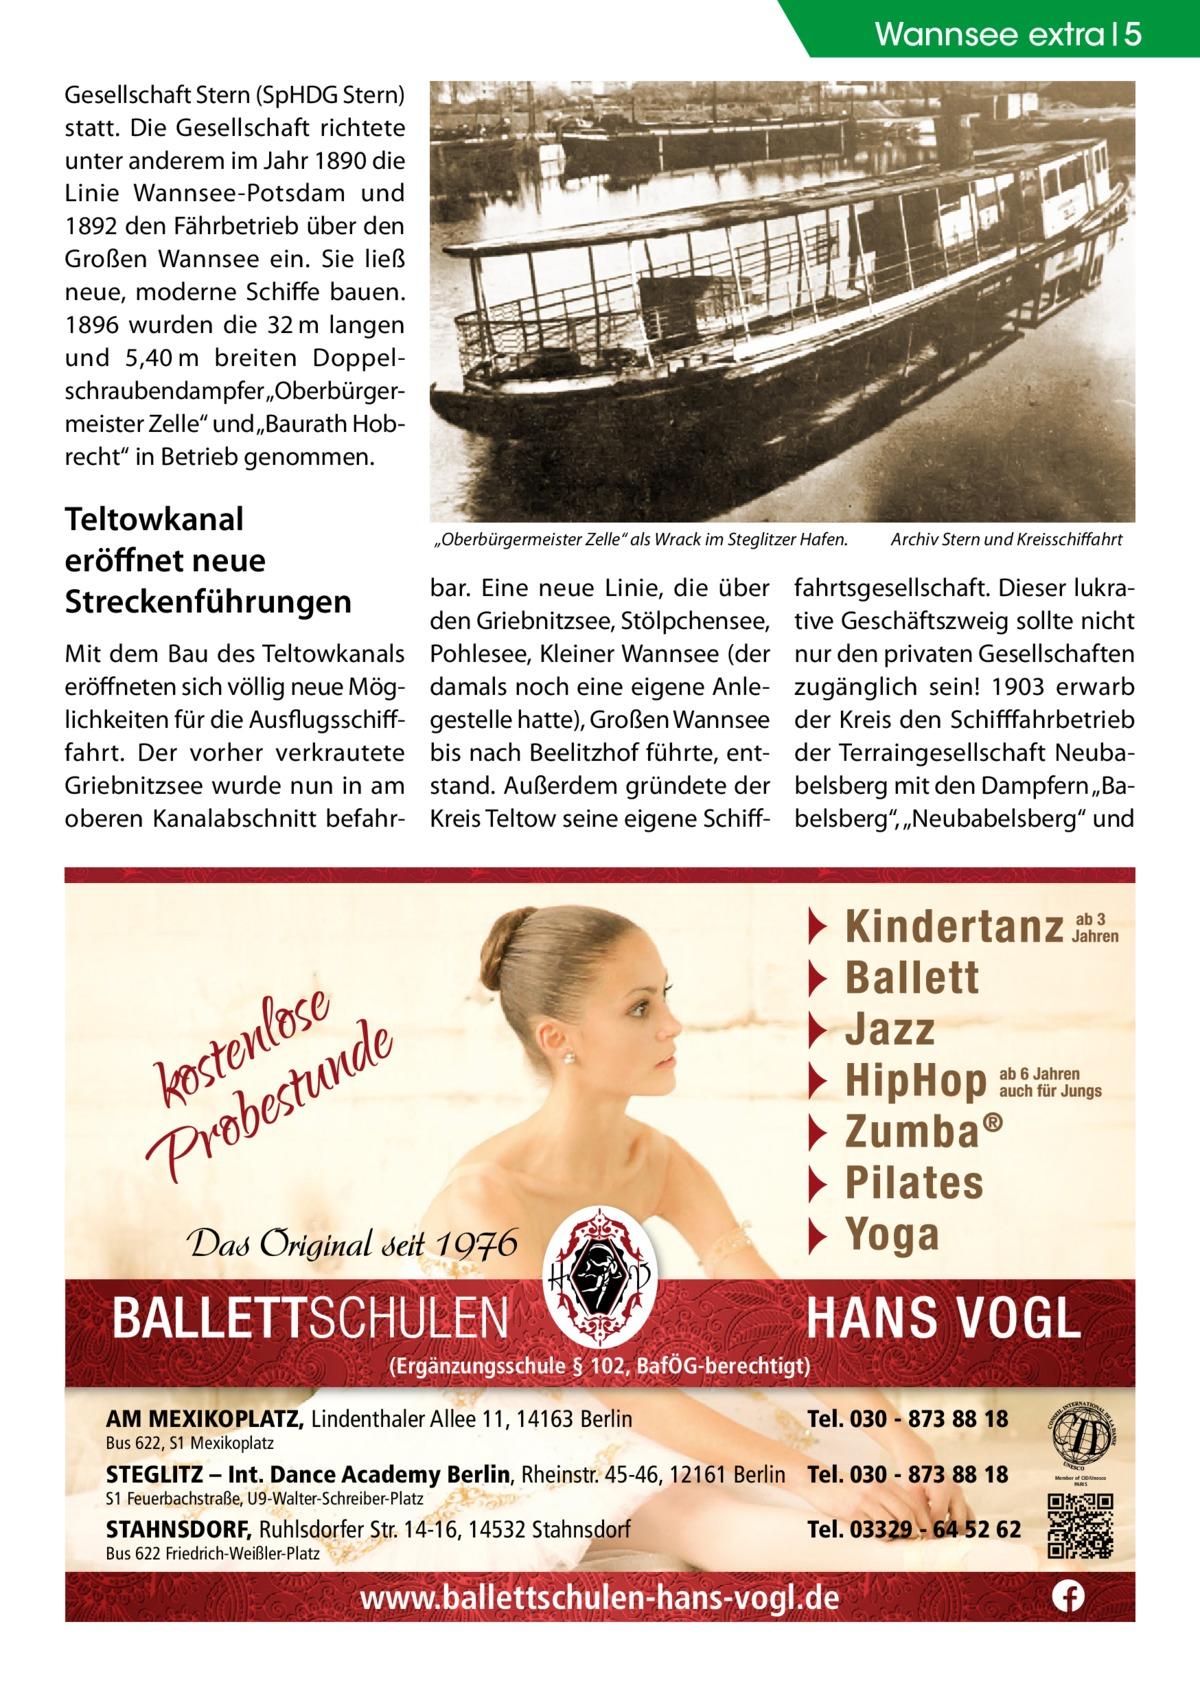 """Wannsee extra 5 Gesellschaft Stern (SpHDG Stern) statt. Die Gesellschaft richtete unter anderem im Jahr 1890 die Linie Wannsee-Potsdam und 1892 den Fährbetrieb über den Großen Wannsee ein. Sie ließ neue, moderne Schiffe bauen. 1896 wurden die 32m langen und 5,40m breiten Doppelschraubendampfer """"Oberbürgermeister Zelle"""" und """"Baurath Hobrecht"""" in Betrieb genommen.  Teltowkanal eröffnet neue Streckenführungen  """"Oberbürgermeister Zelle"""" als Wrack im Steglitzer Hafen.�  Mit dem Bau des Teltowkanals eröffneten sich völlig neue Möglichkeiten für die Ausflugsschifffahrt. Der vorher verkrautete Griebnitzsee wurde nun in am oberen Kanalabschnitt befahr bar. Eine neue Linie, die über den Griebnitzsee, Stölpchensee, Pohlesee, Kleiner Wannsee (der damals noch eine eigene Anlegestelle hatte), Großen Wannsee bis nach Beelitzhof führte, entstand. Außerdem gründete der Kreis Teltow seine eigene Schiff Archiv Stern und Kreisschiffahrt  fahrtsgesellschaft. Dieser lukrative Geschäftszweig sollte nicht nur den privaten Gesellschaften zugänglich sein! 1903 erwarb der Kreis den Schifffahrbetrieb der Terraingesellschaft Neubabelsberg mit den Dampfern """"Babelsberg"""", """"Neubabelsberg"""" und  (Ergänzungsschule § 102, BafÖG-berechtigt)  AM MEXIKOPLATZ, Lindenthaler Allee 11, 14163 Berlin Bus 622, S1 Mexikoplatz  Tel. 030 - 873 88 18  STEGLITZ – Int. Dance Academy Berlin, Rheinstr. 45-46, 12161 Berlin Tel. 030 - 873 88 18 S1 Feuerbachstraße, U9-Walter-Schreiber-Platz  STAHNSDORF, Ruhlsdorfer Str. 14-16, 14532 Stahnsdorf Bus 622 Friedrich-Weißler-Platz  Tel. 03329 - 64 52 62  www.ballettschulen-hans-vogl.de  Member of CID/Unesco PARIS"""